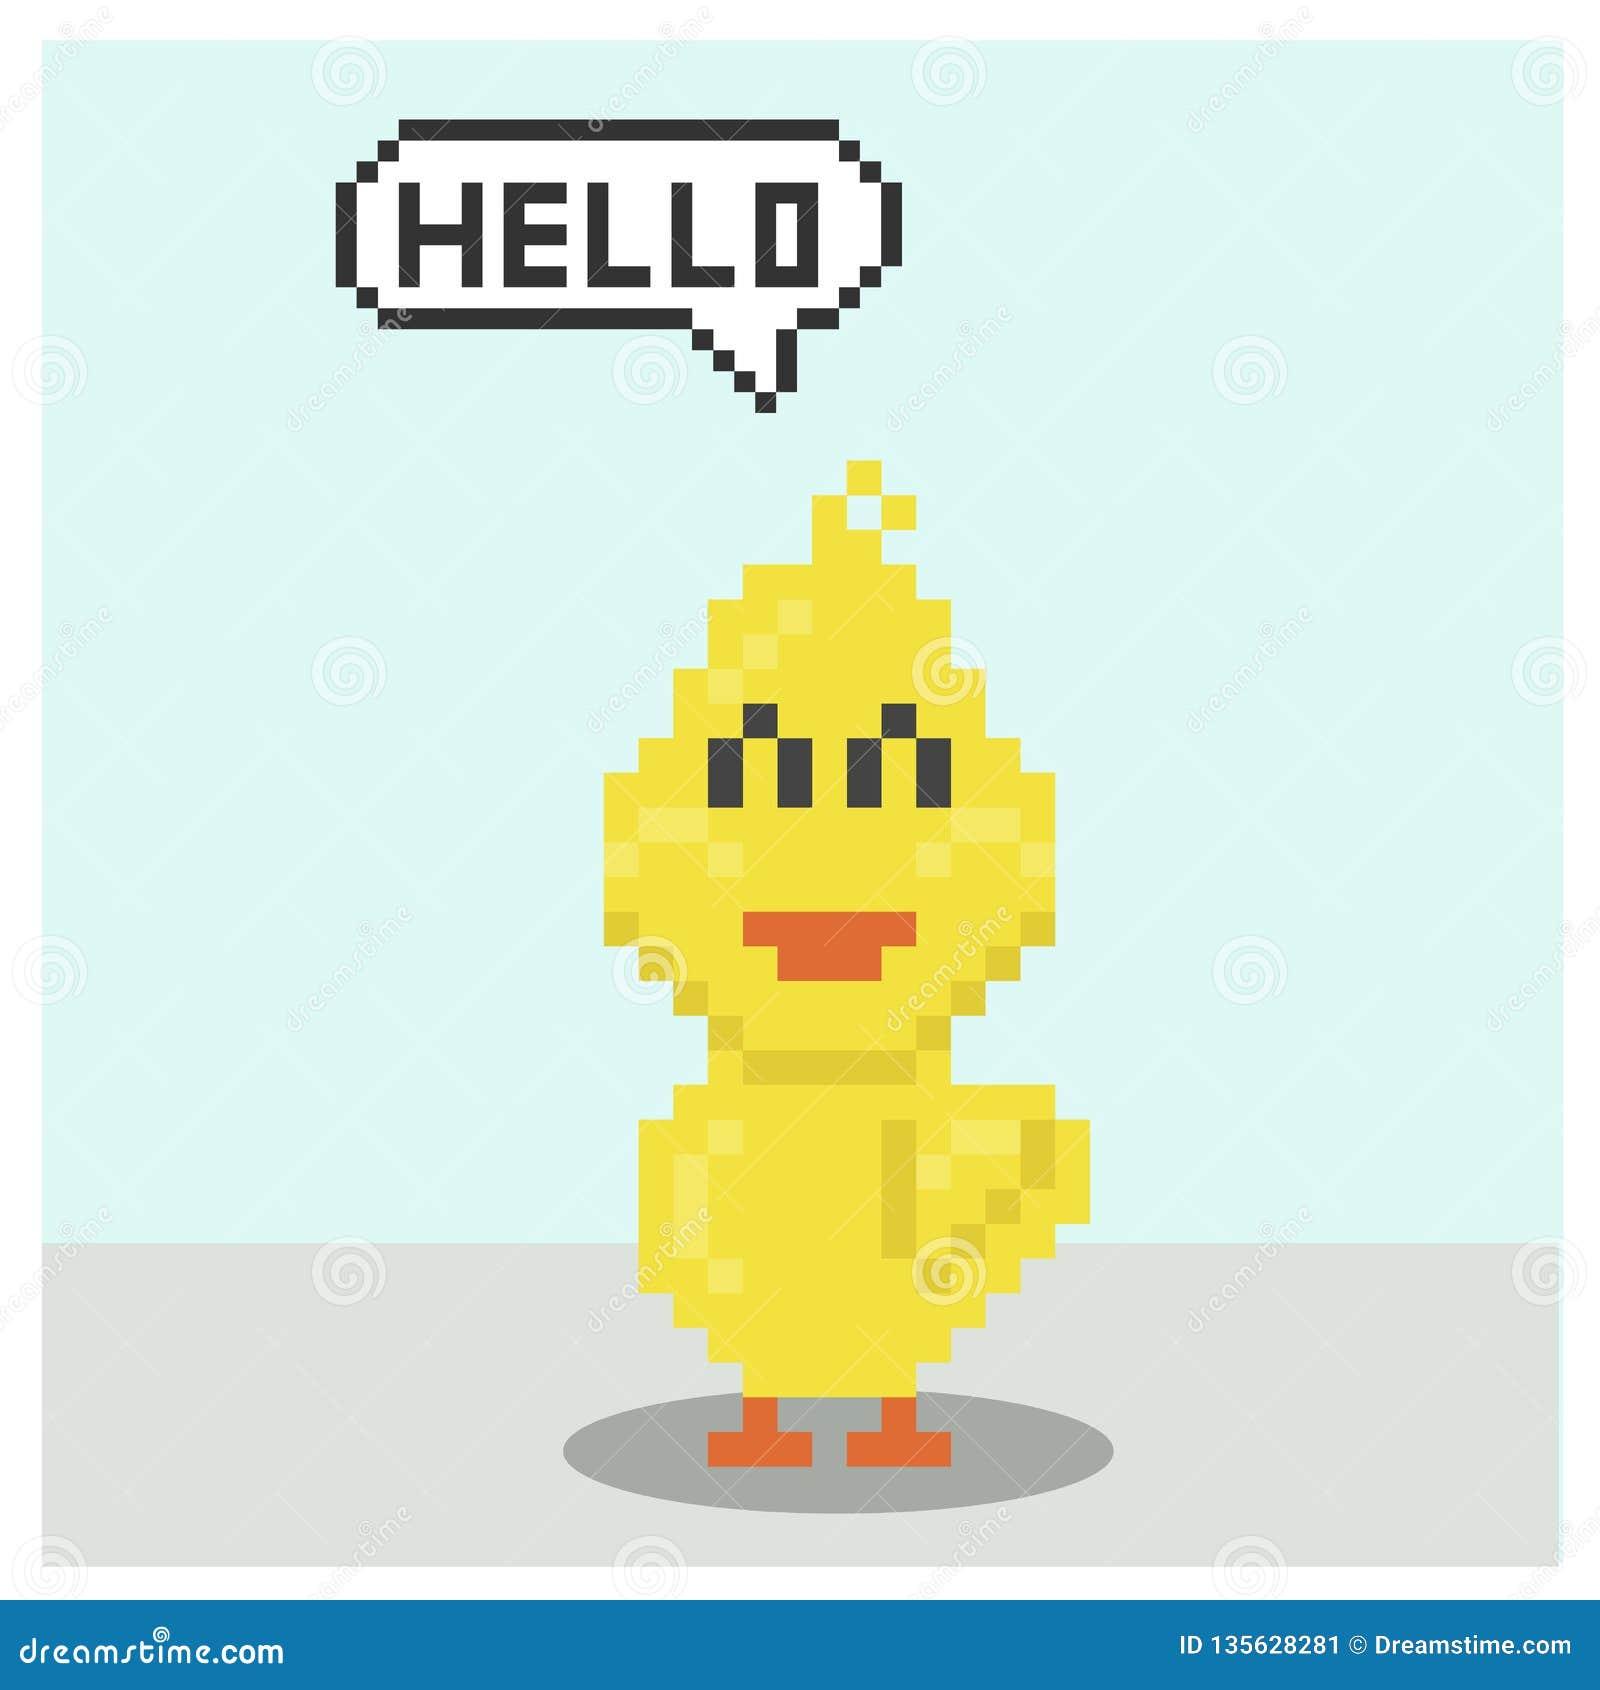 Pixel Art Saying Cool